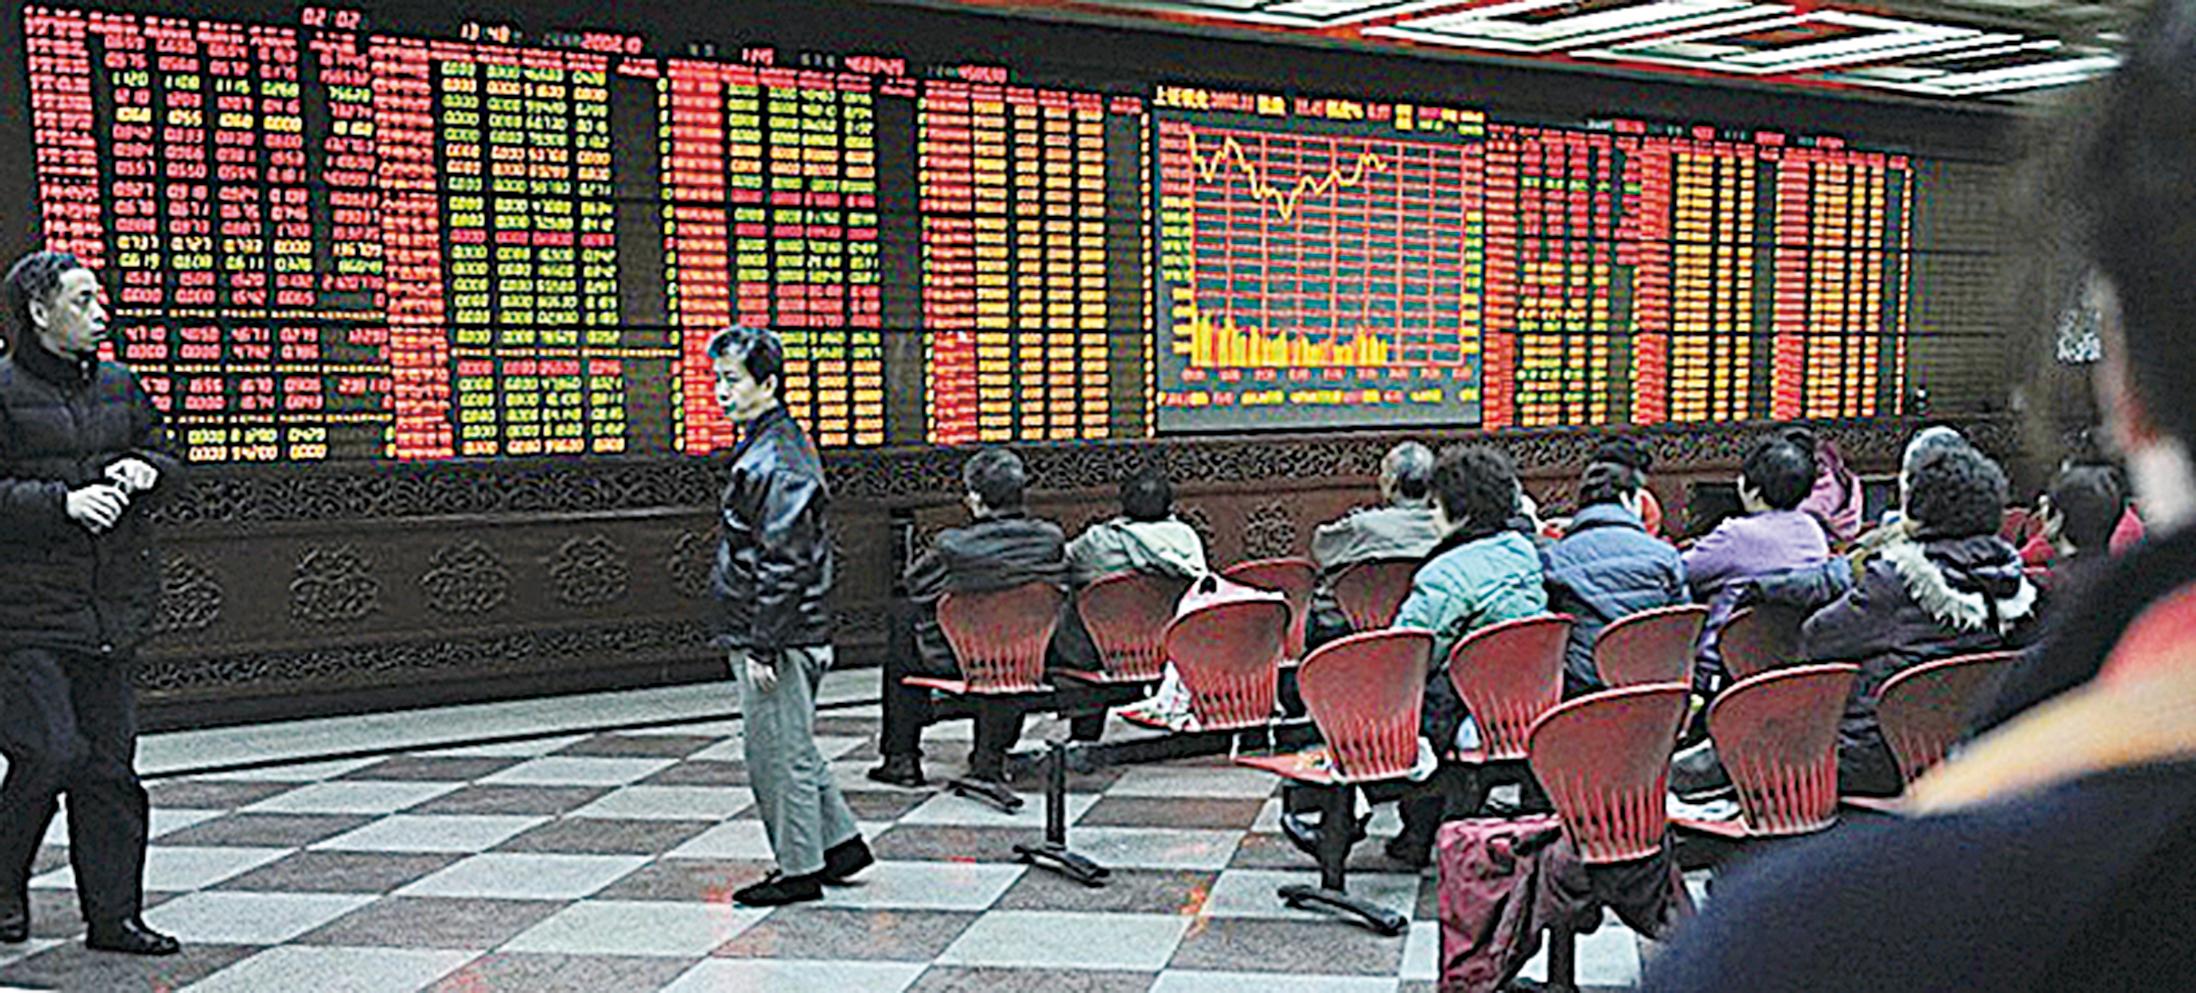 2019年網絡熱傳的一份券商200家上市公司黑名單,揭開中國股市黑幕一角。圖為北京一股票市場。(Getty Images)